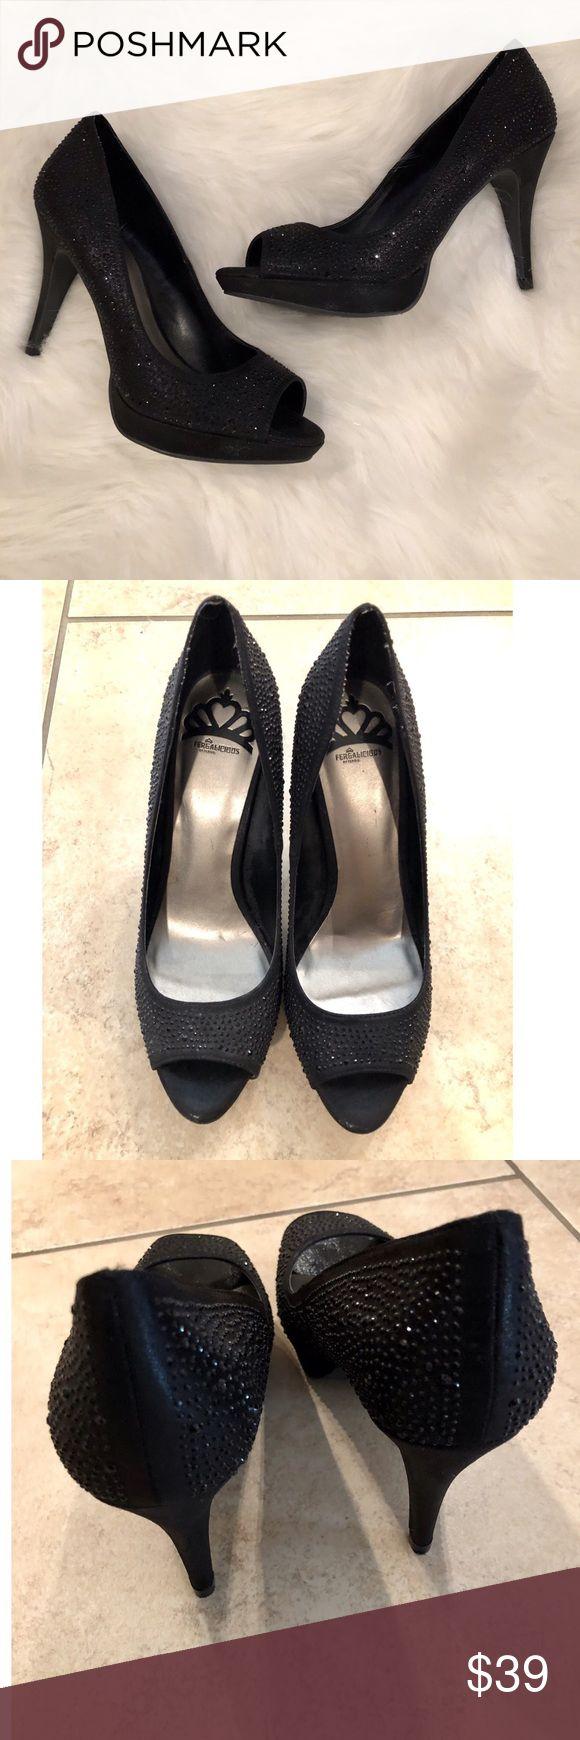 Fergalicious Schuhe   Fergalicious schwarzer Strass Peep Toe Heels   Farbe: Schwarz   Größe: 8